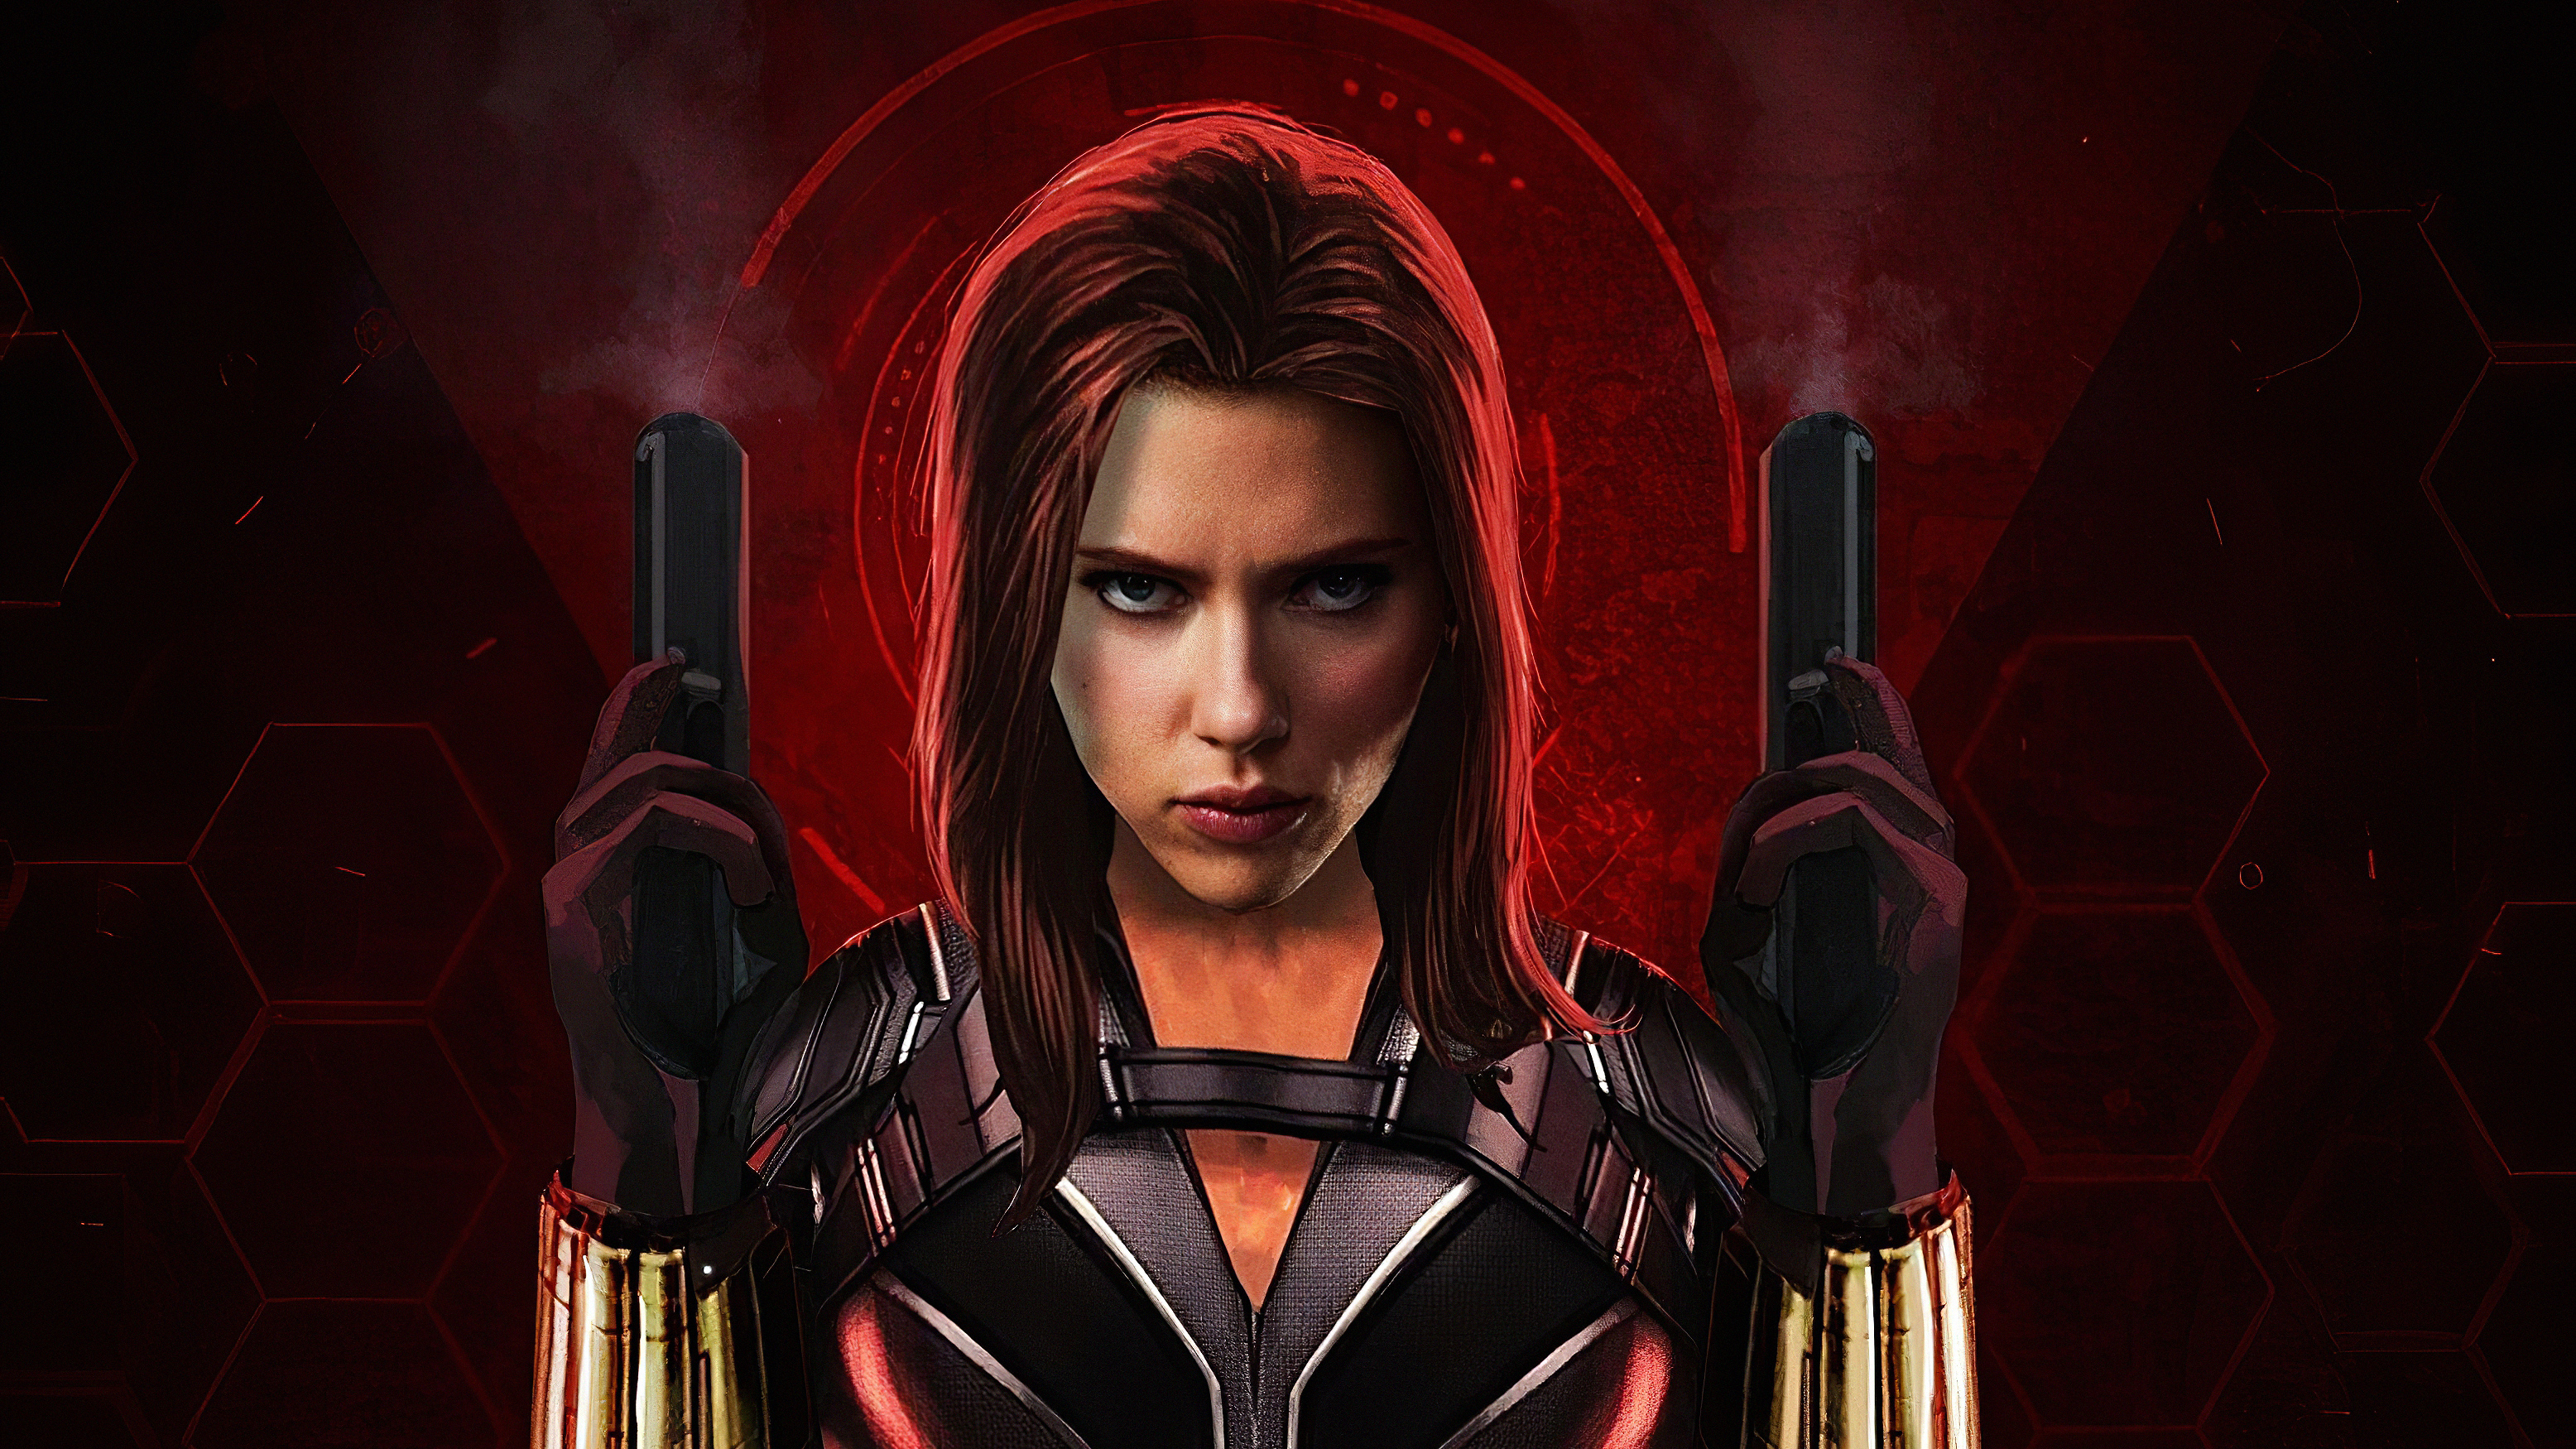 Black Widow Movie Art Hd Superheroes 4k Wallpapers Images